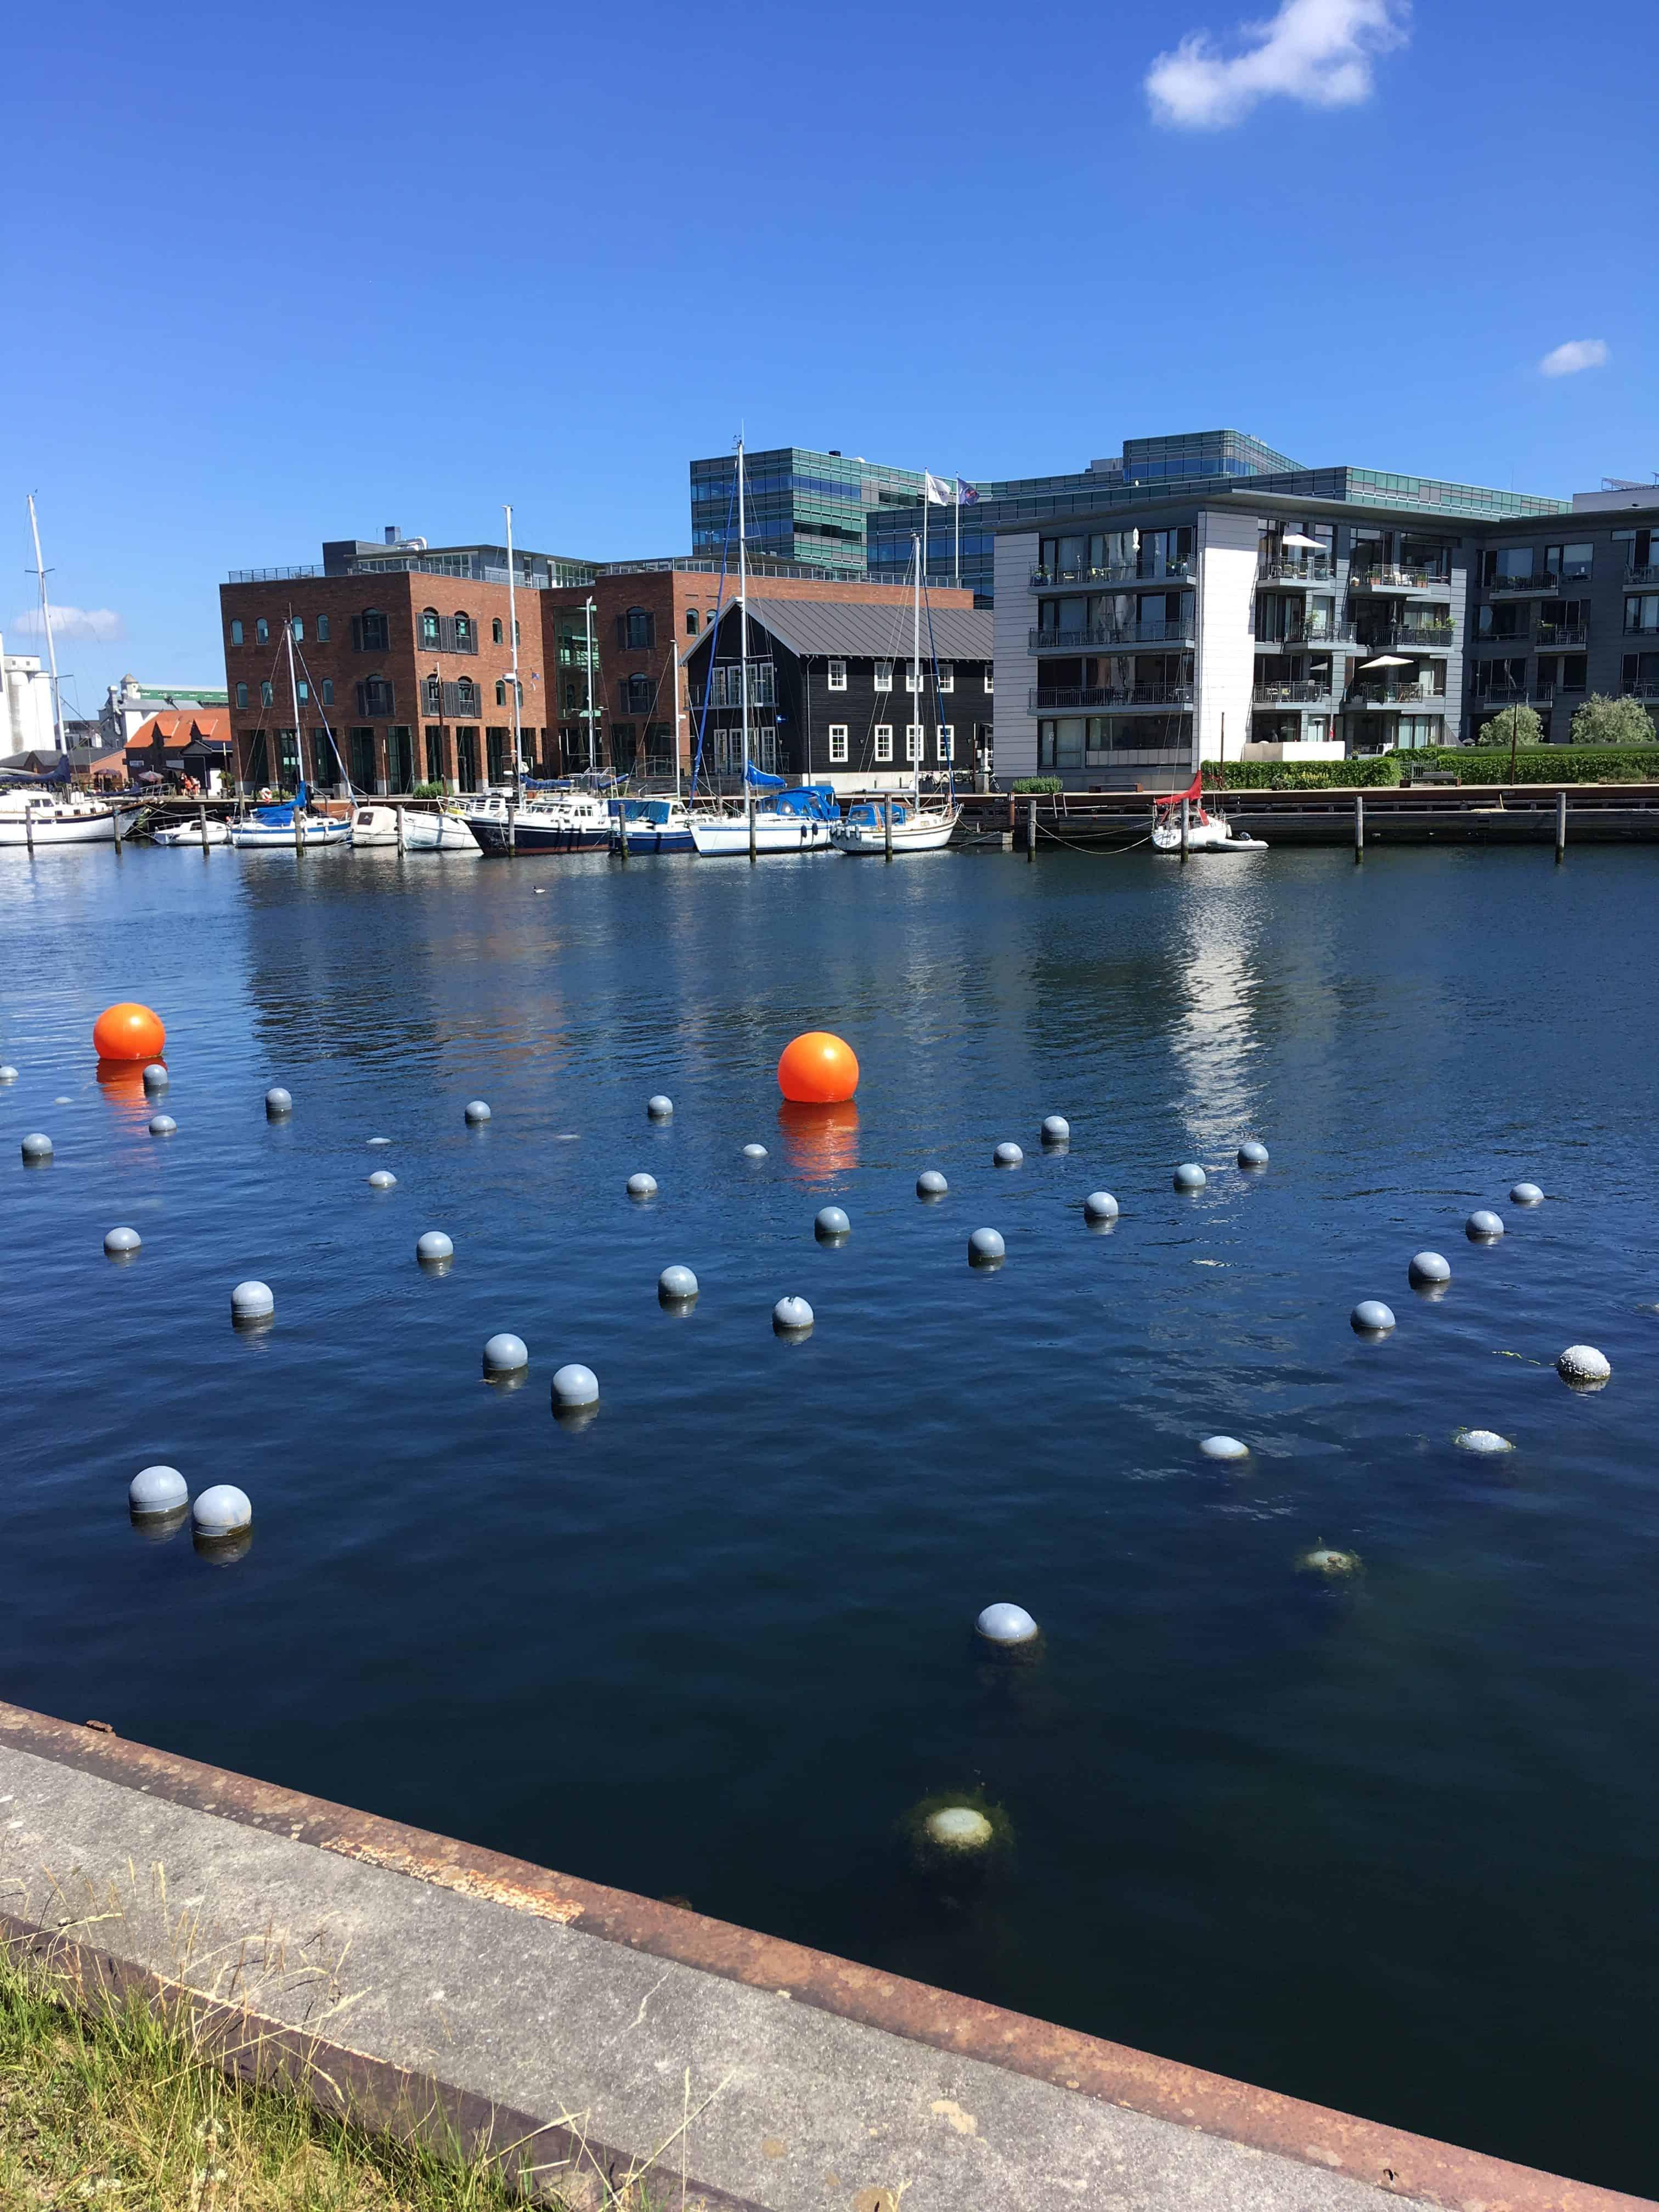 Muslinge rensnings projekt i havnebassinet